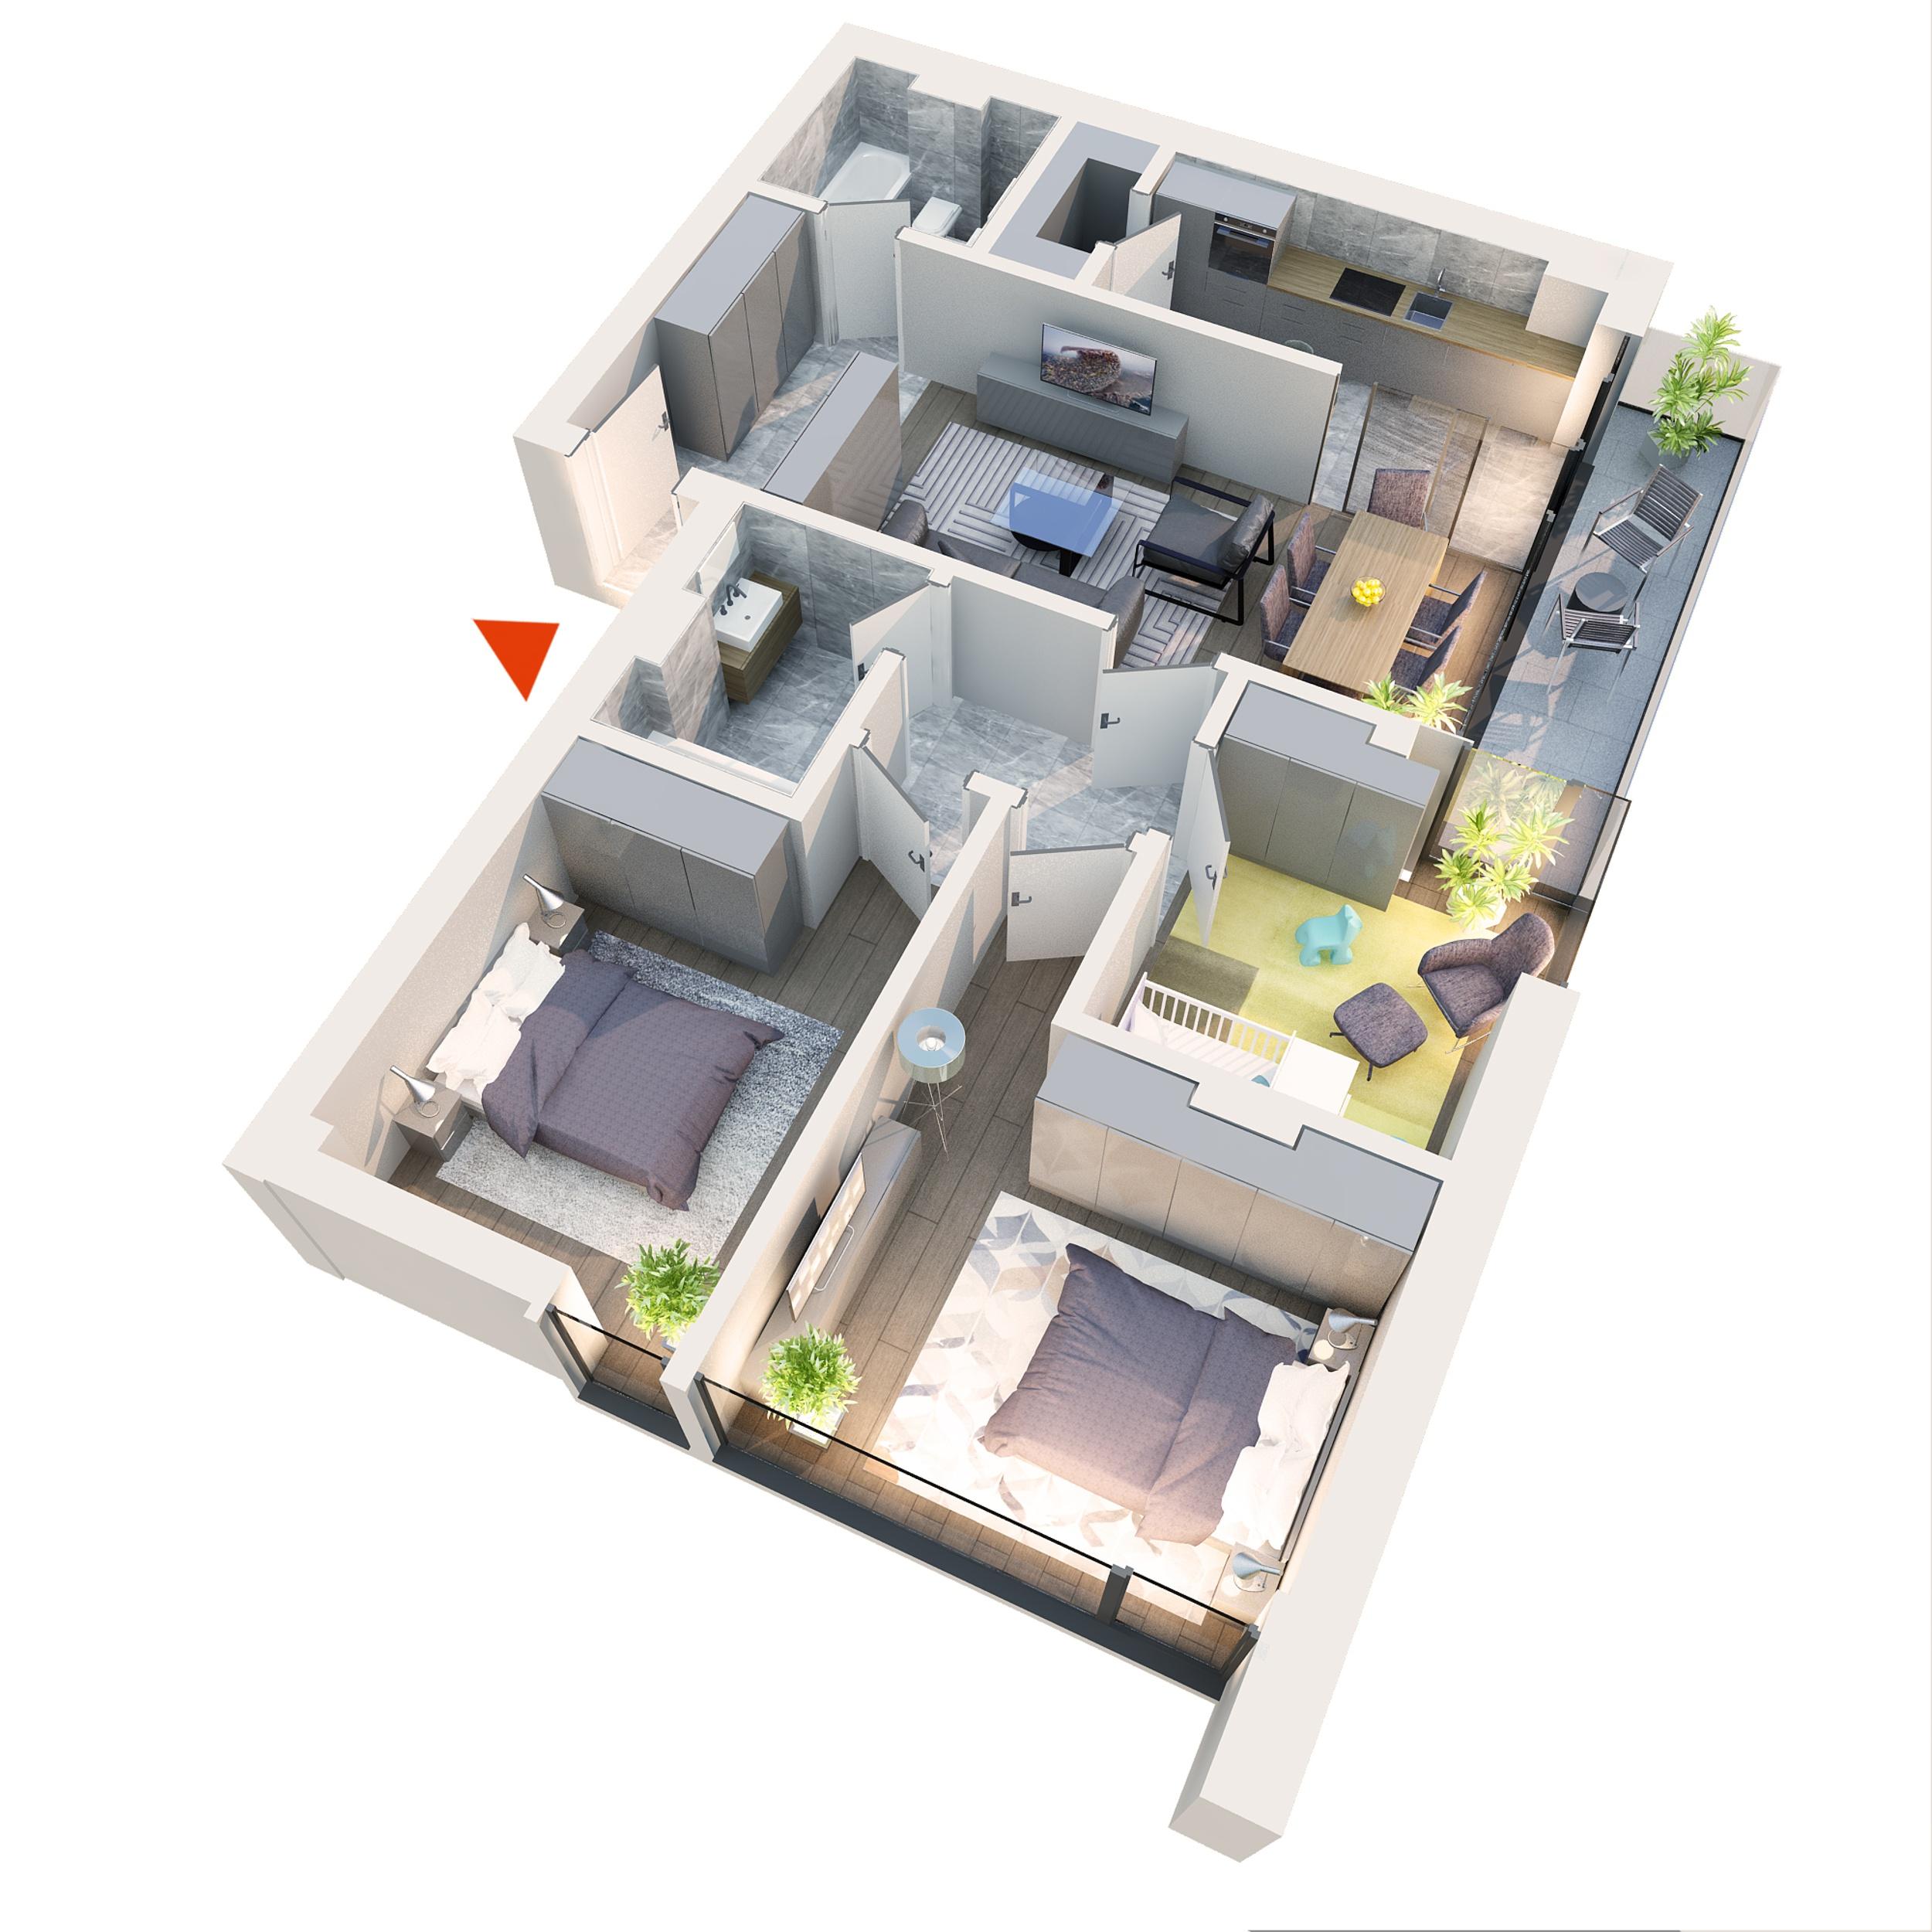 Apartament 4 camere tip 4B1 Logie | Etaj 1-3 | Corp C3, C4 | Faza 2